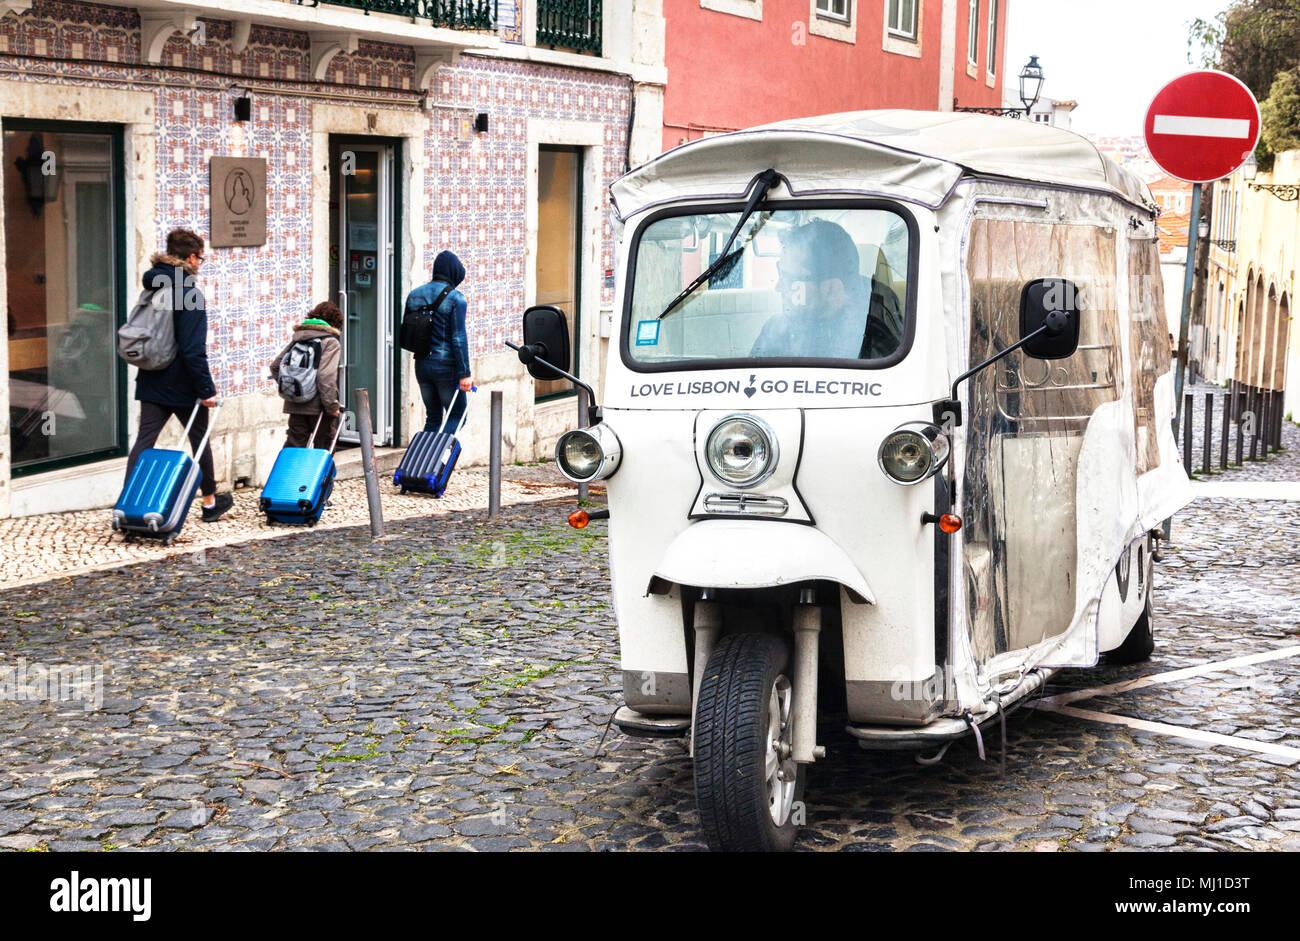 1 Marzo 2018: Lisbona, Portogallo - elettrico tuk tuk a Lisbona la Città Vecchia, con lo slogan adoriamo Lisbona andare elettrico. Immagini Stock